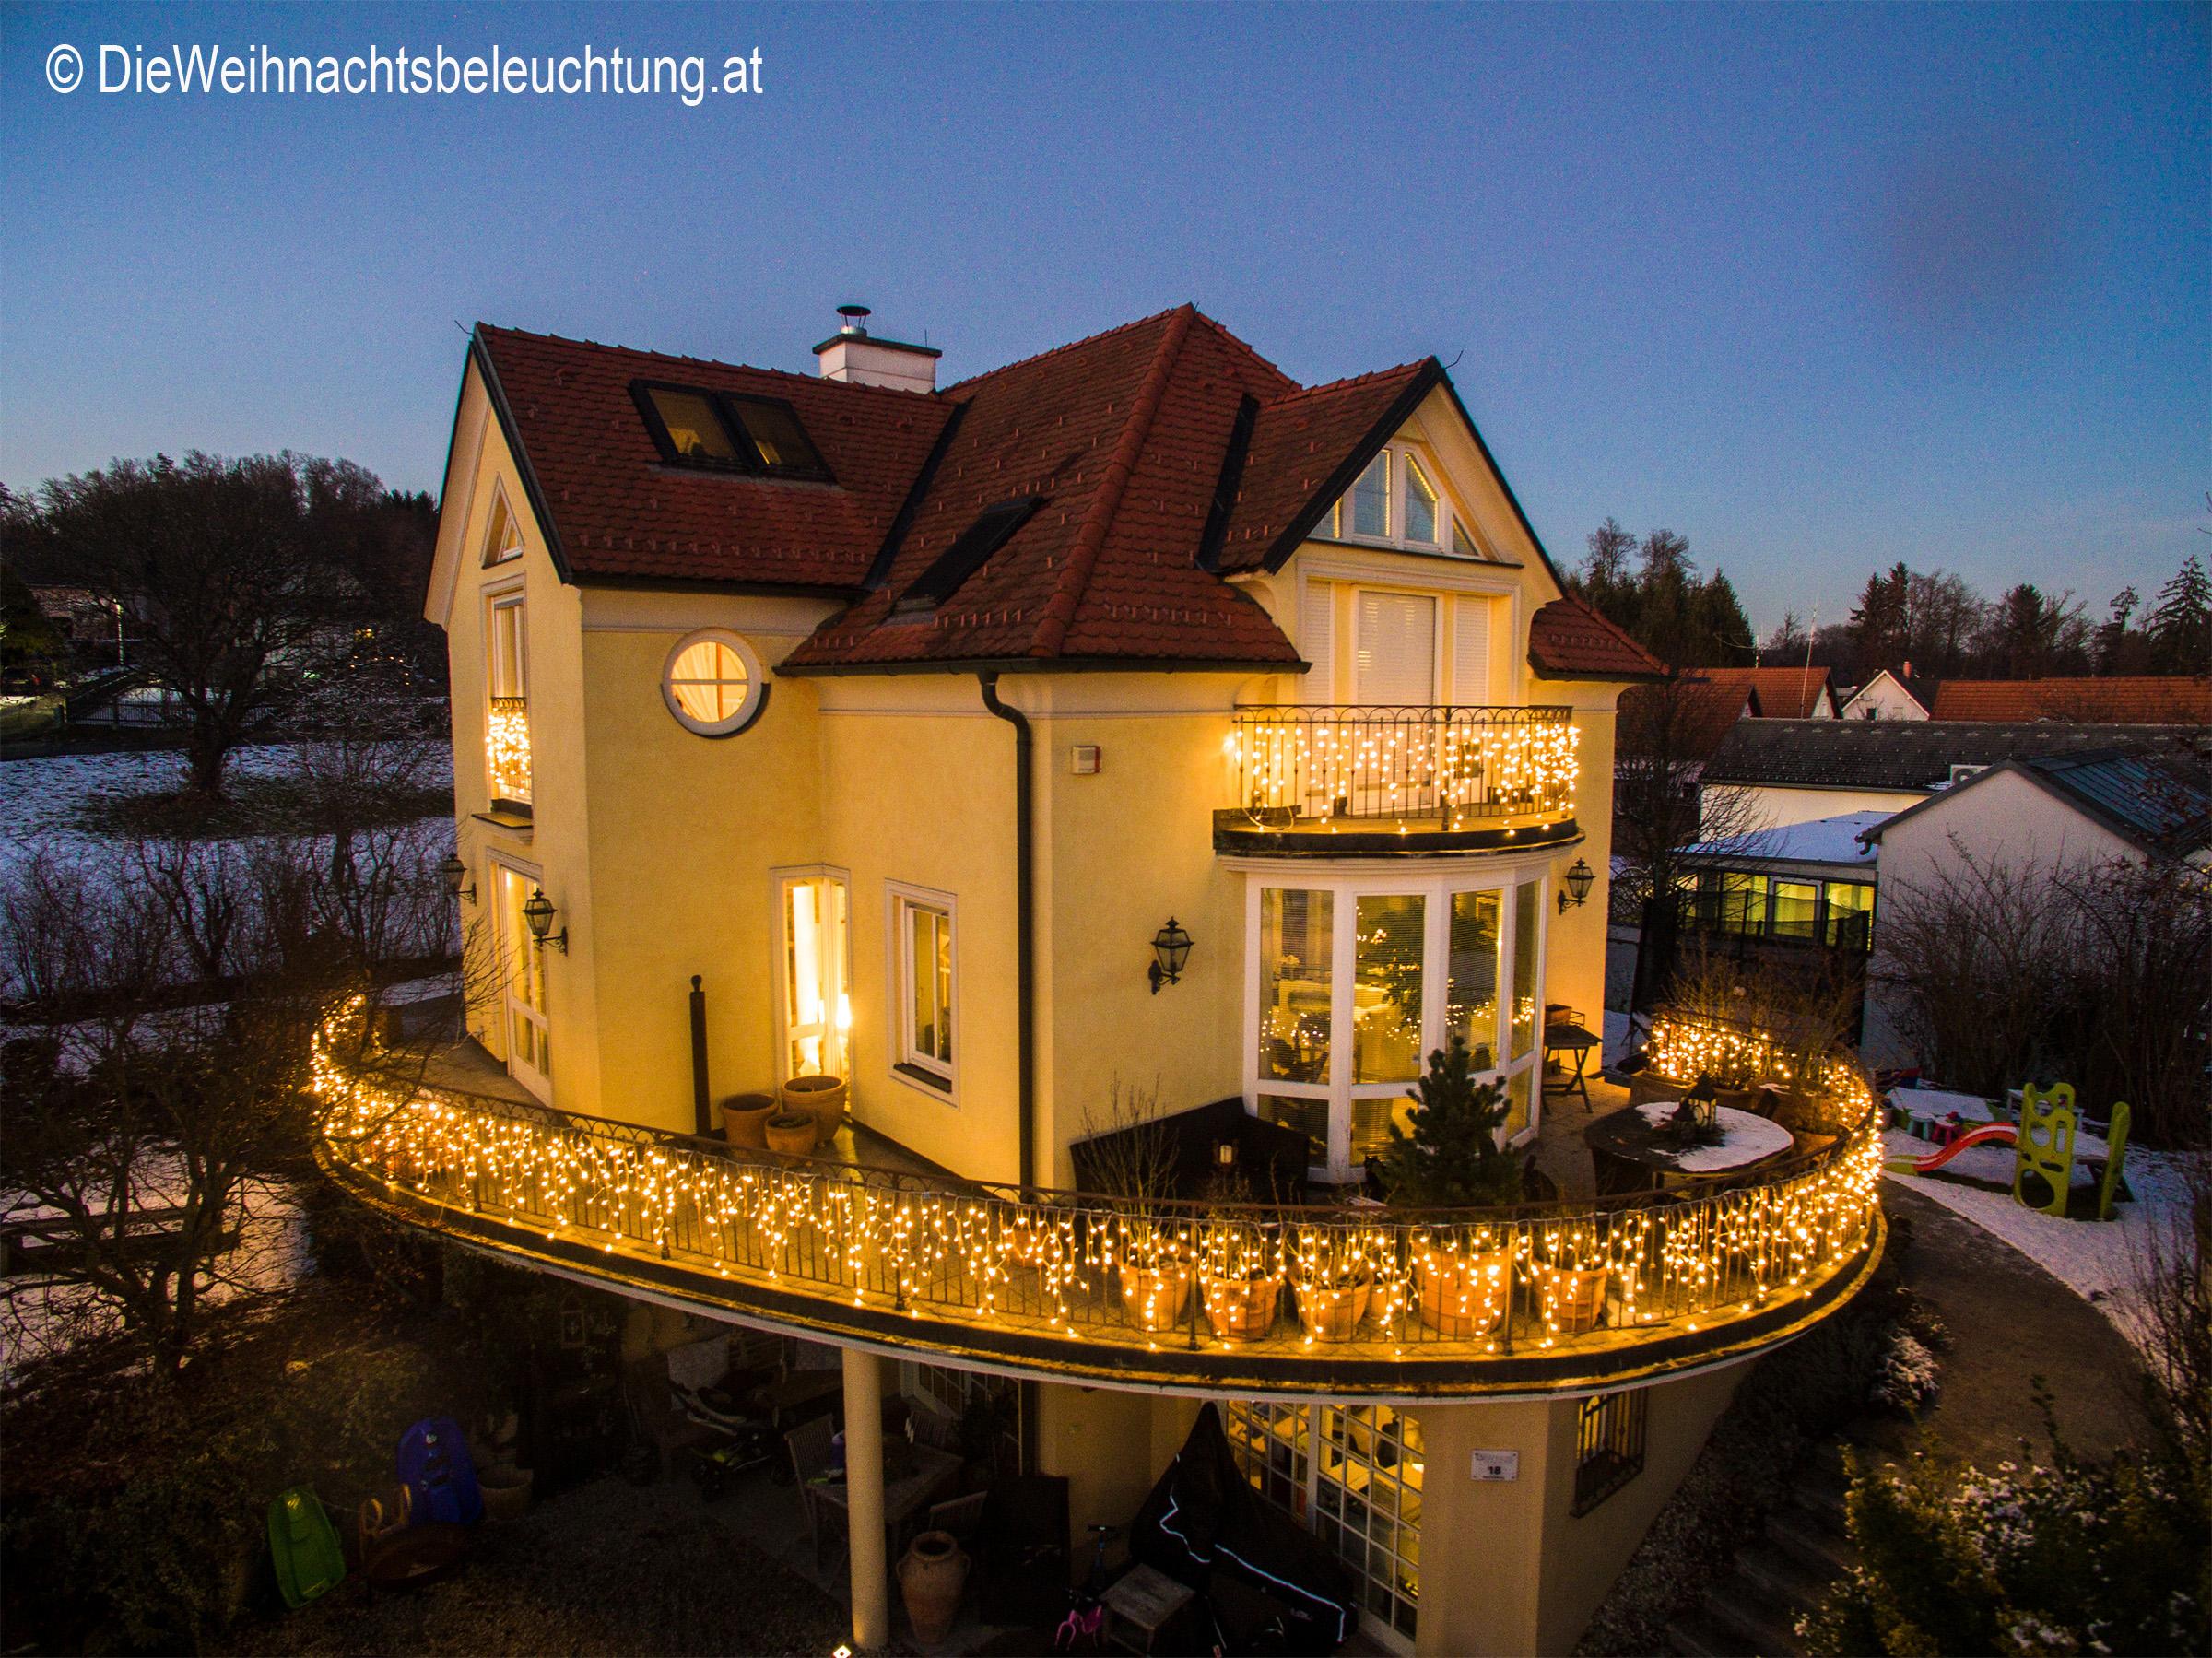 Weihnachtsbeleuchtung Für Balkongeländer.Weihnachtsbeleuchtung Für Haus Und Garten Dieweihnachtsbeleuchtung